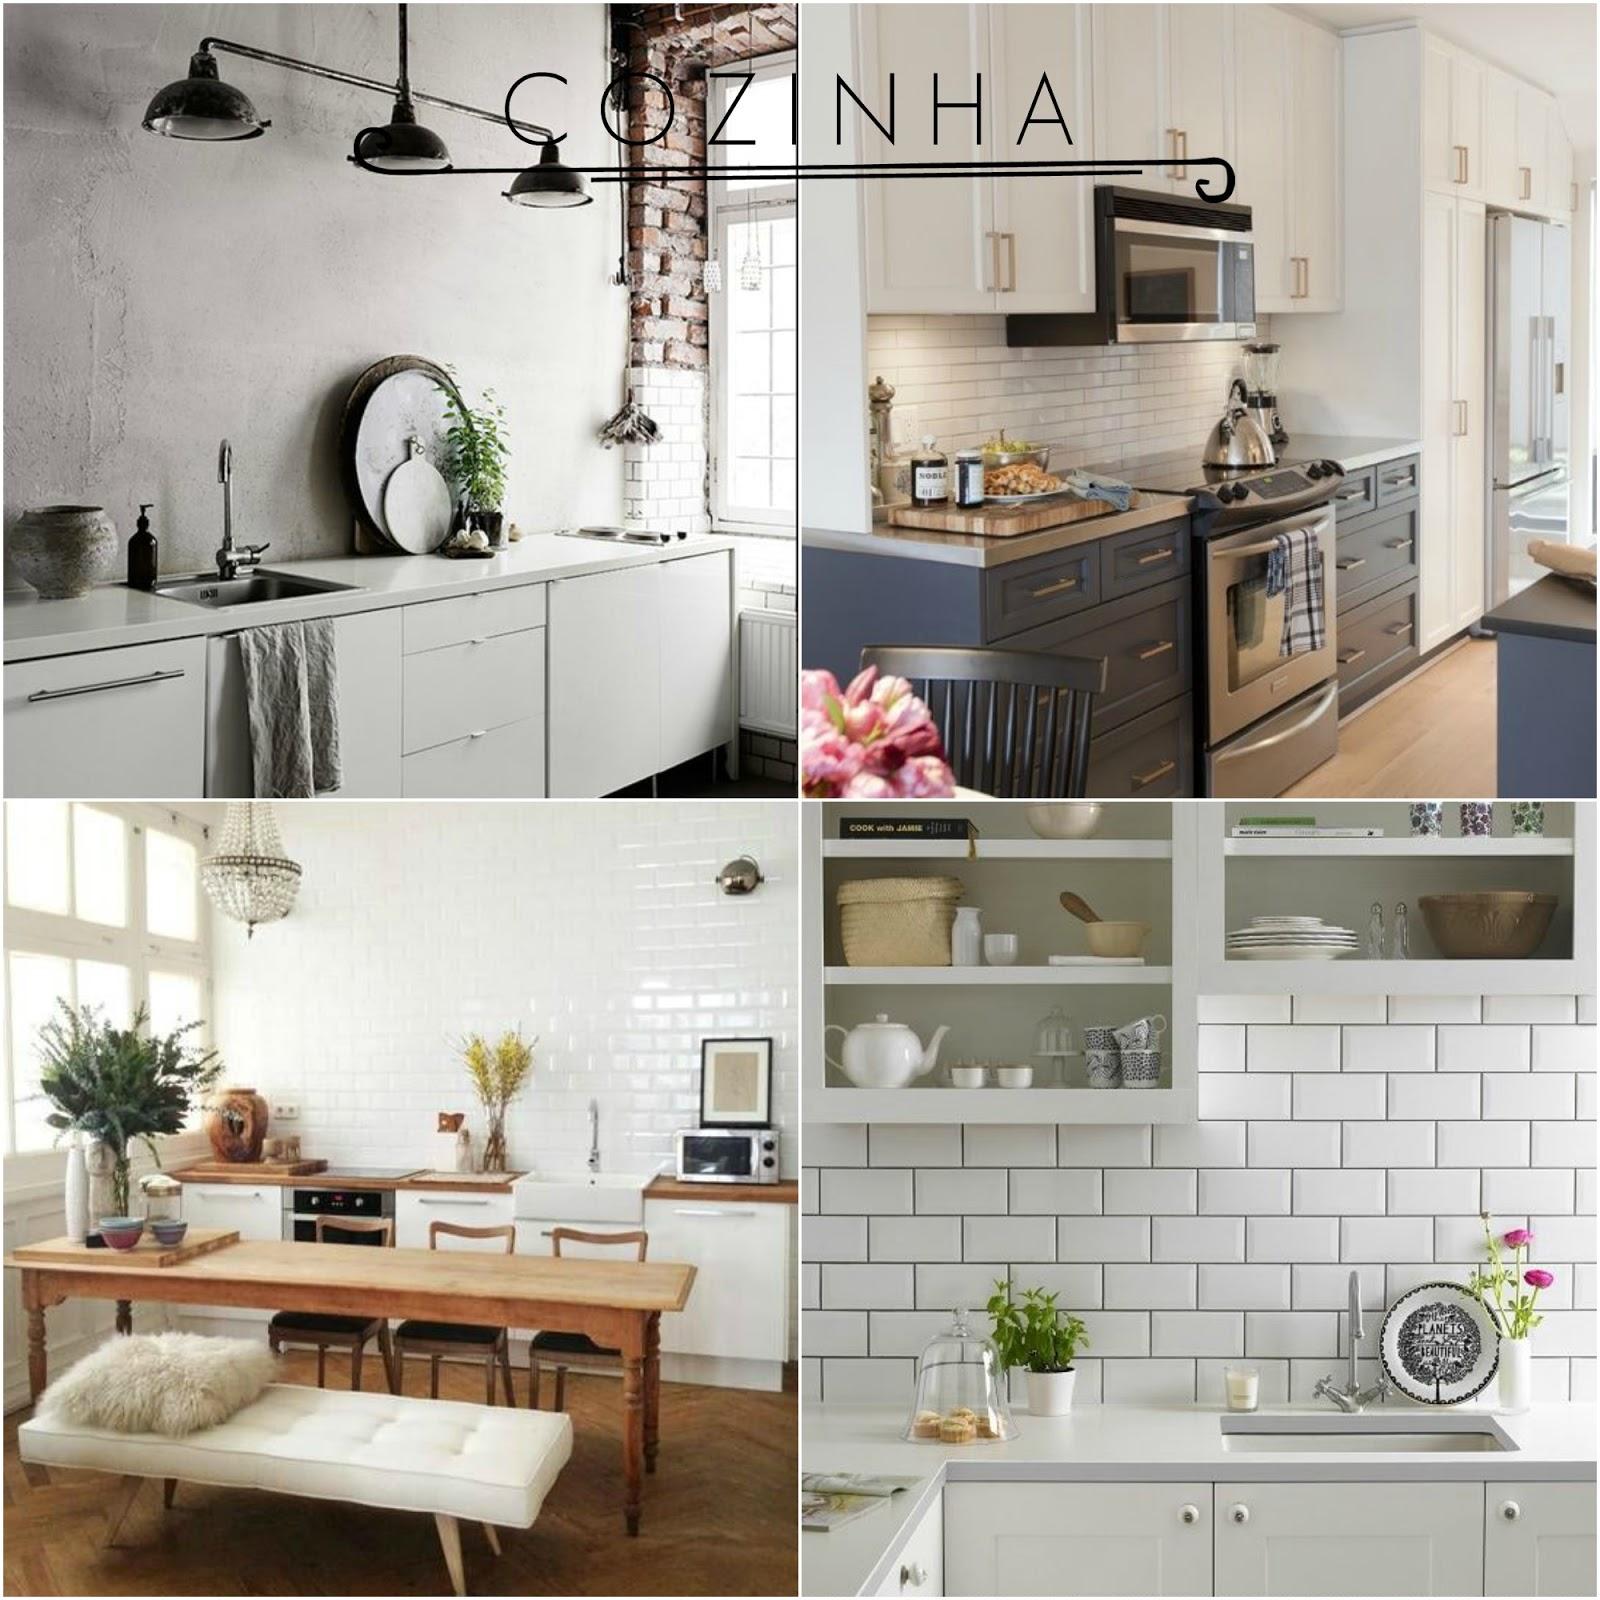 Cozinha Escandinavo Foto Reproduo Uca Cozinhas Estilo